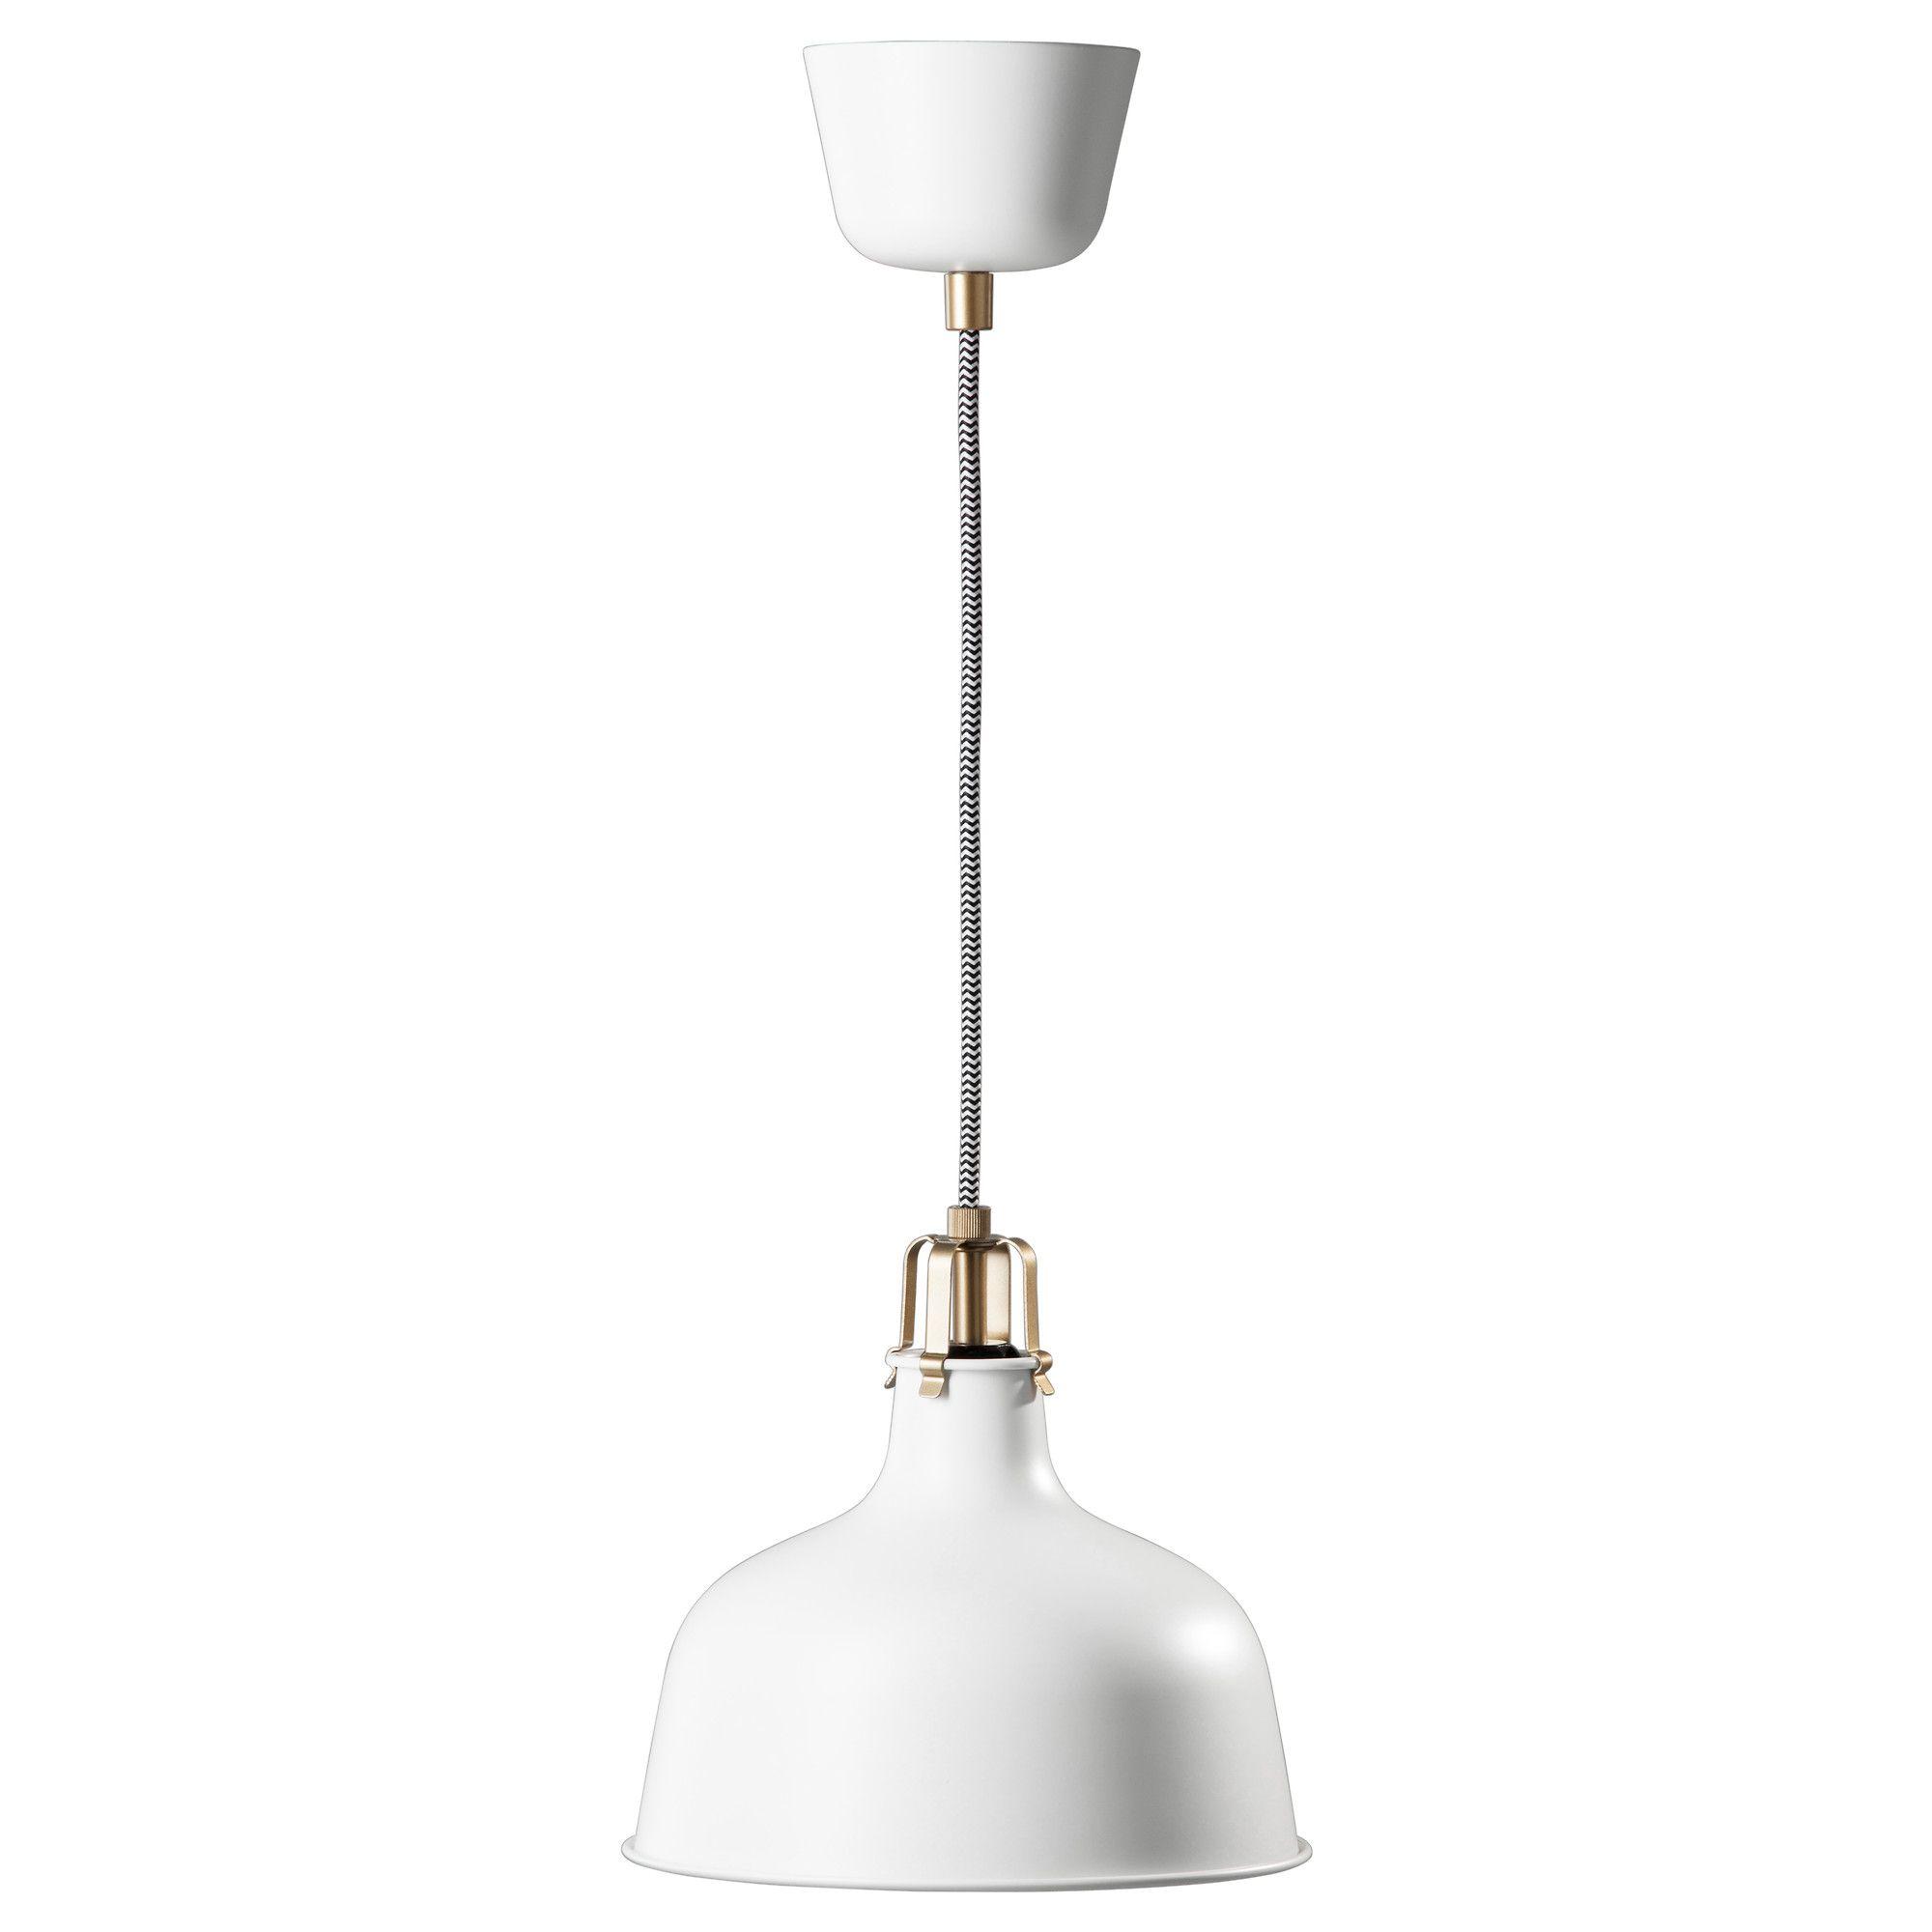 ikea ranarp h ngeleuchte gerichtetes licht gut zum beleuchten von esstisch oder. Black Bedroom Furniture Sets. Home Design Ideas